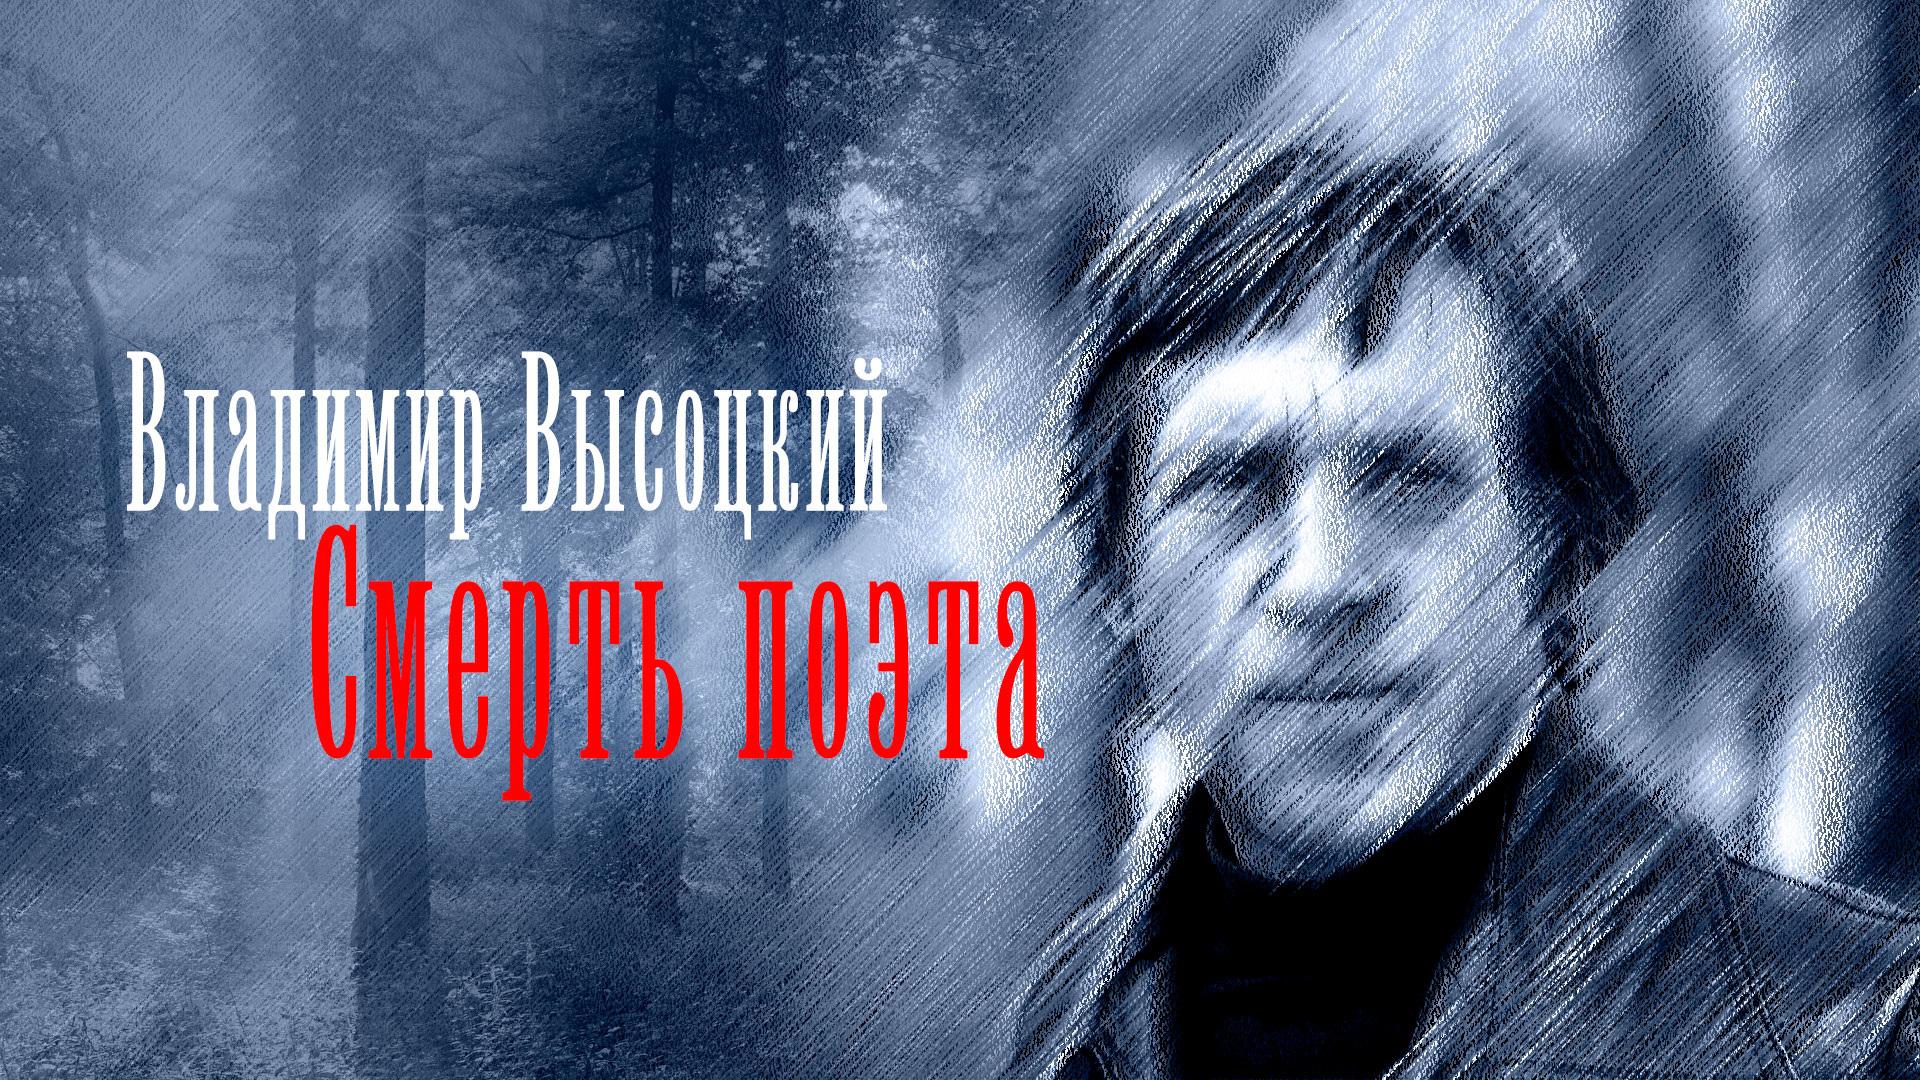 Владимир Высоцкий. Смерть поэта